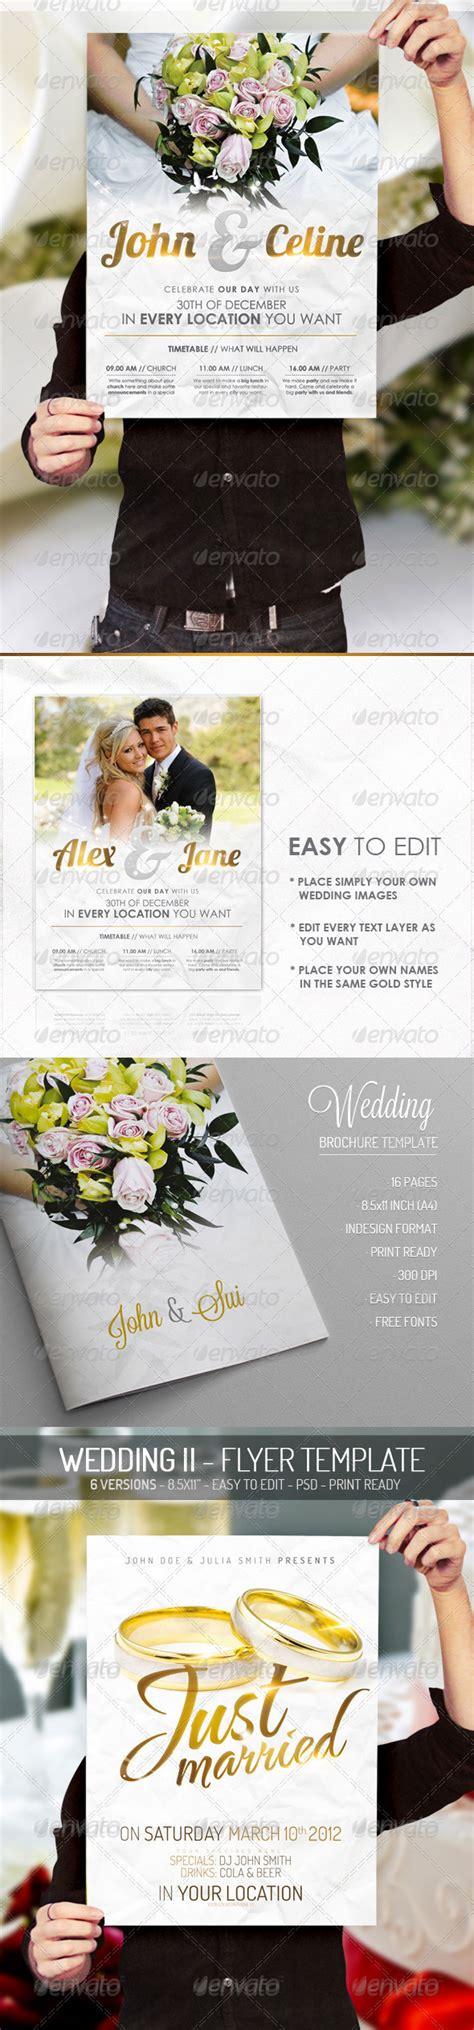 desain kartu ucapan happy wedding desain kartu ucapan happy wedding 187 dondrup com